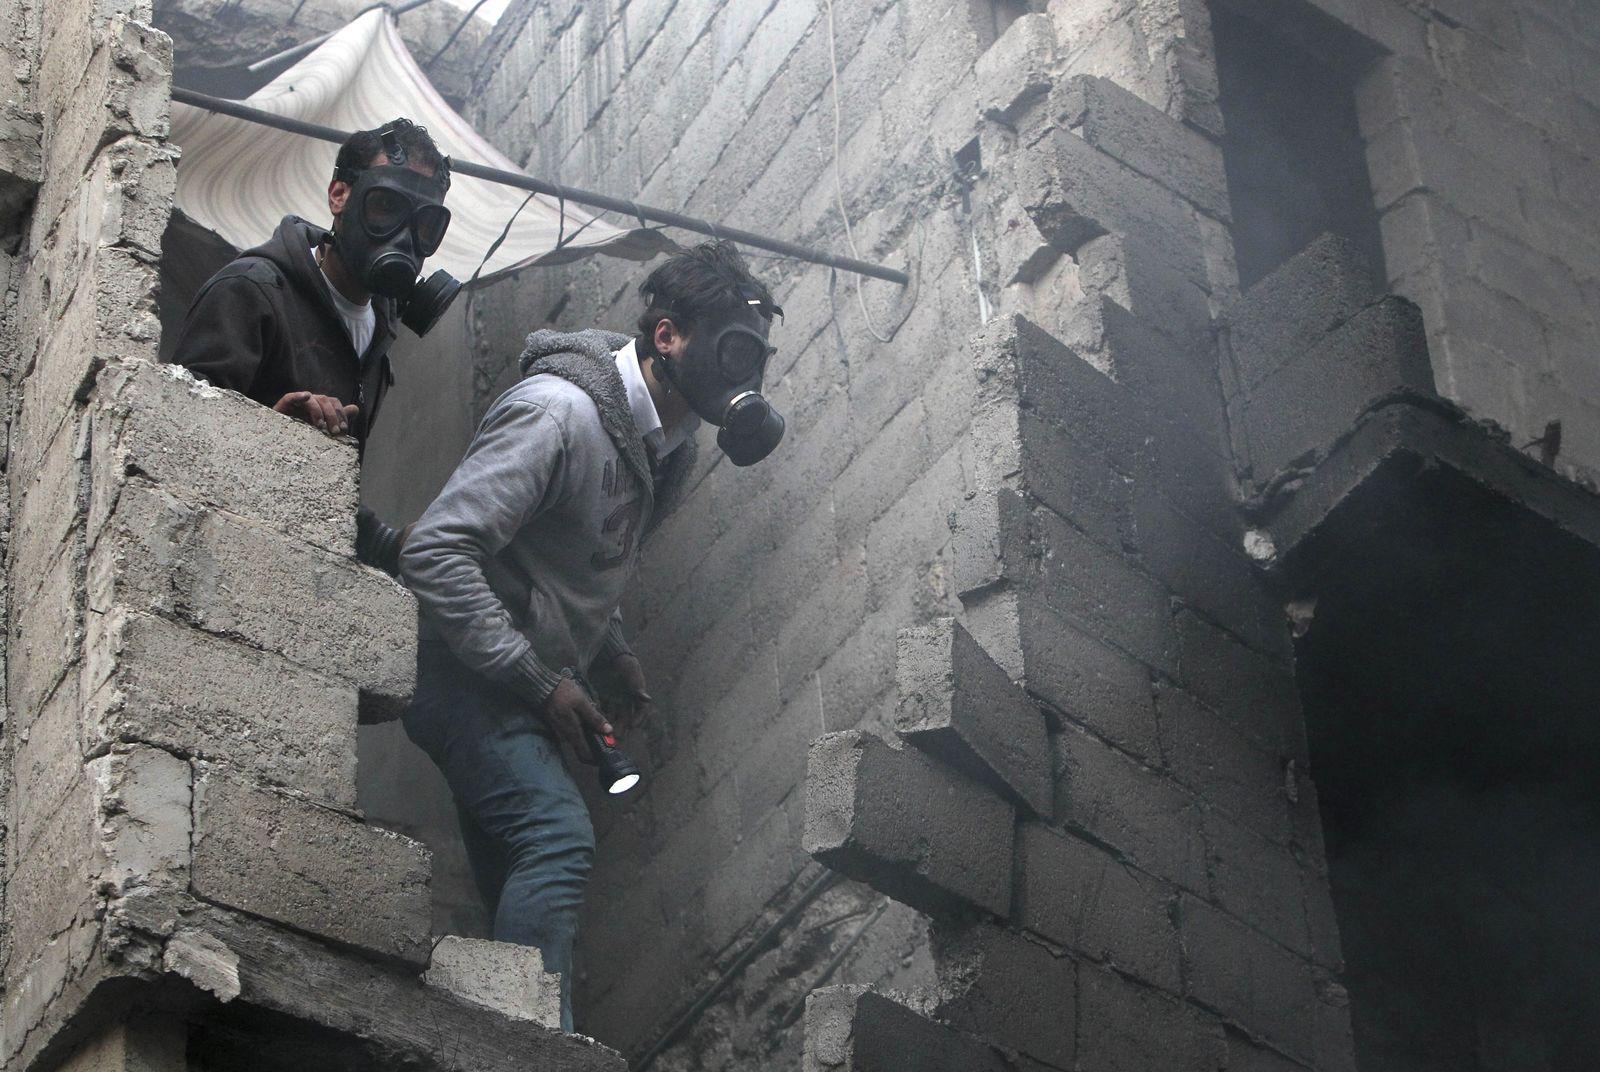 Syrien / Gasmasken